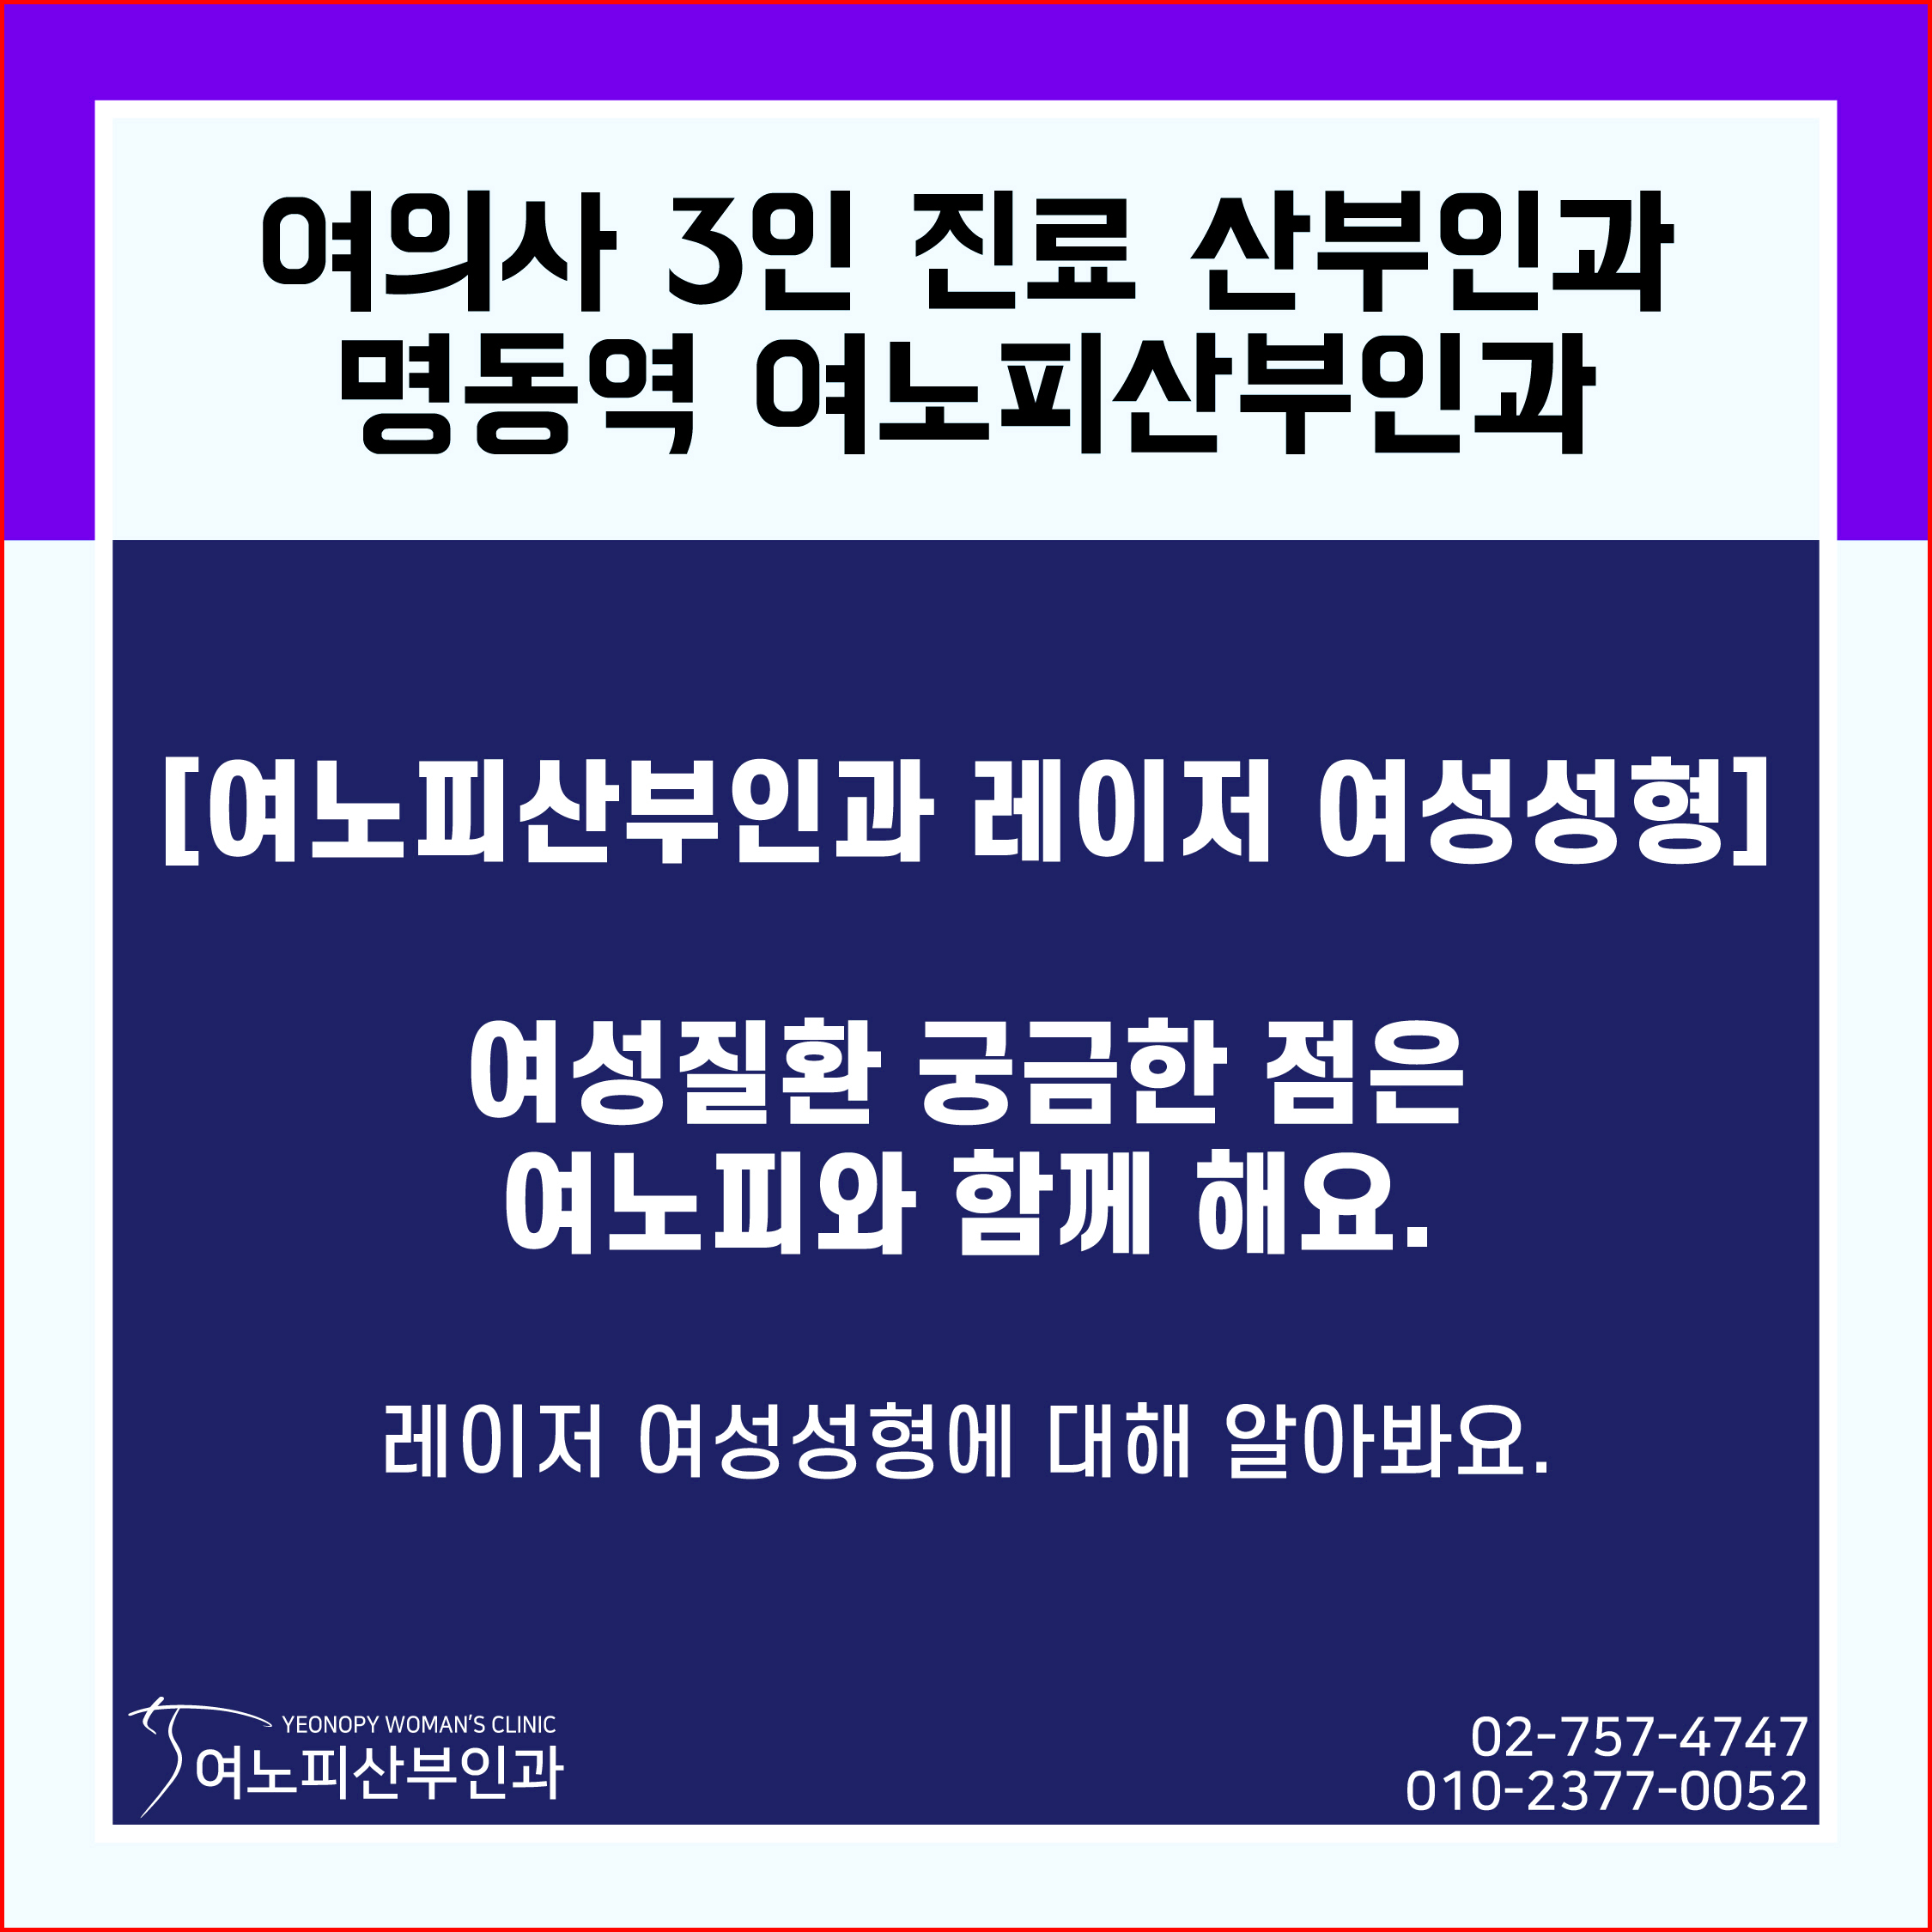 레이저여성성형 01 KakaoTalk_Photo_20191217_0019_13217.jpg